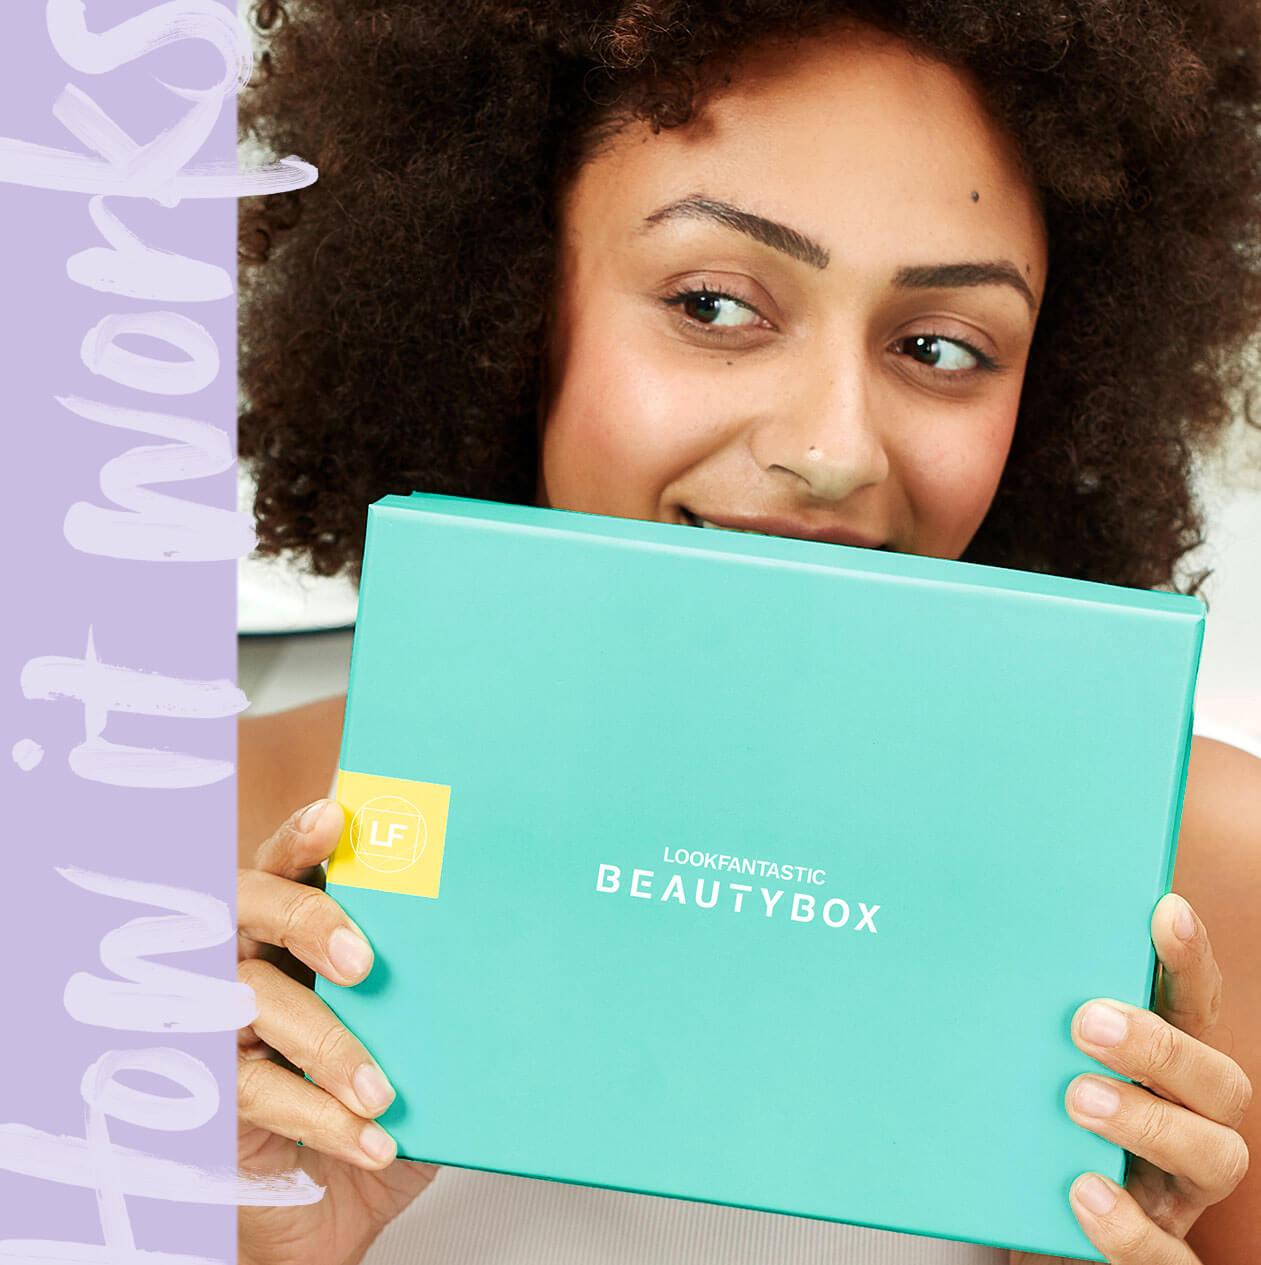 Lue lisää alhaalta miten <b>lookfantastic Beauty Boximme</b> toimii. <br><br> Tutustu boxiin, joka sisältää kuukausittain <b>6 vaihtuvaa kauneustuotetta</b> ja yllättäen sinut joka kerta. Pääset tutustumaan esittelemiimme kosmetiikkabrändeihin.